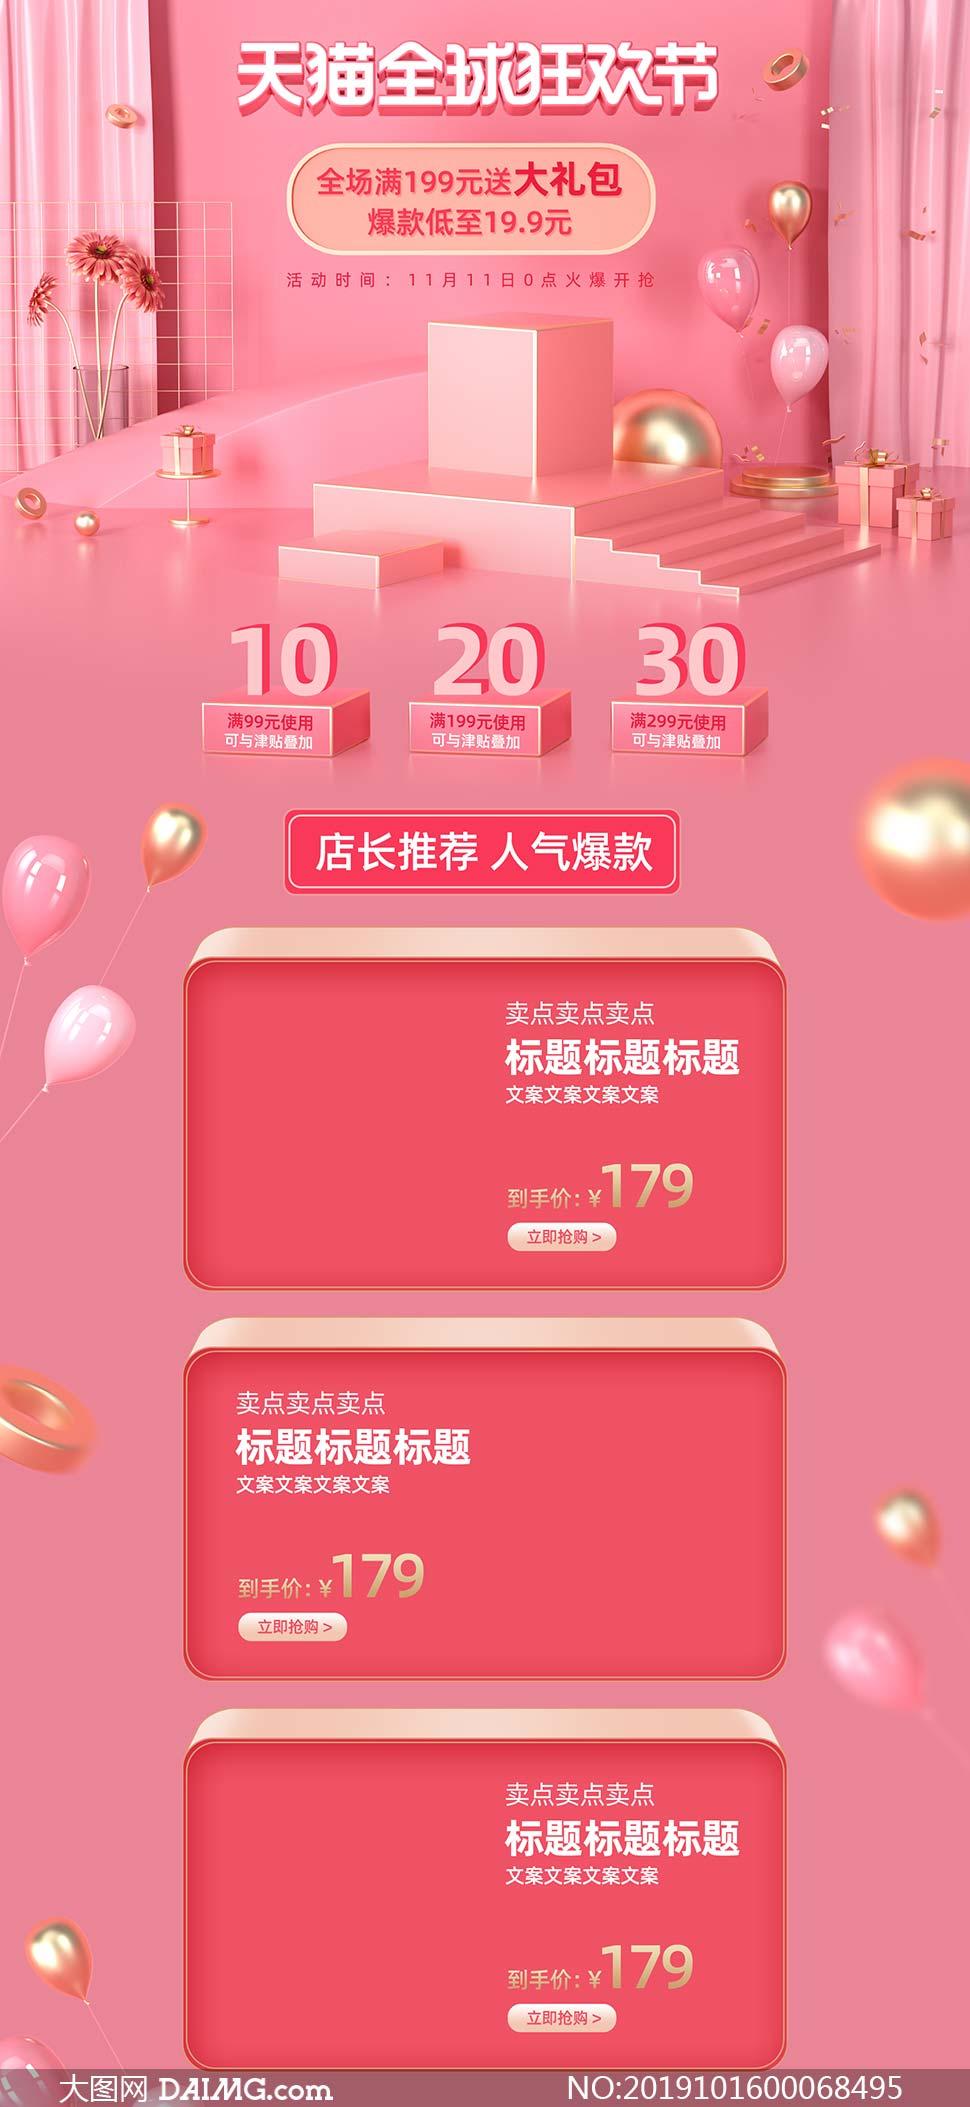 天猫双11粉色主题首页模板 澳门最大必赢赌场